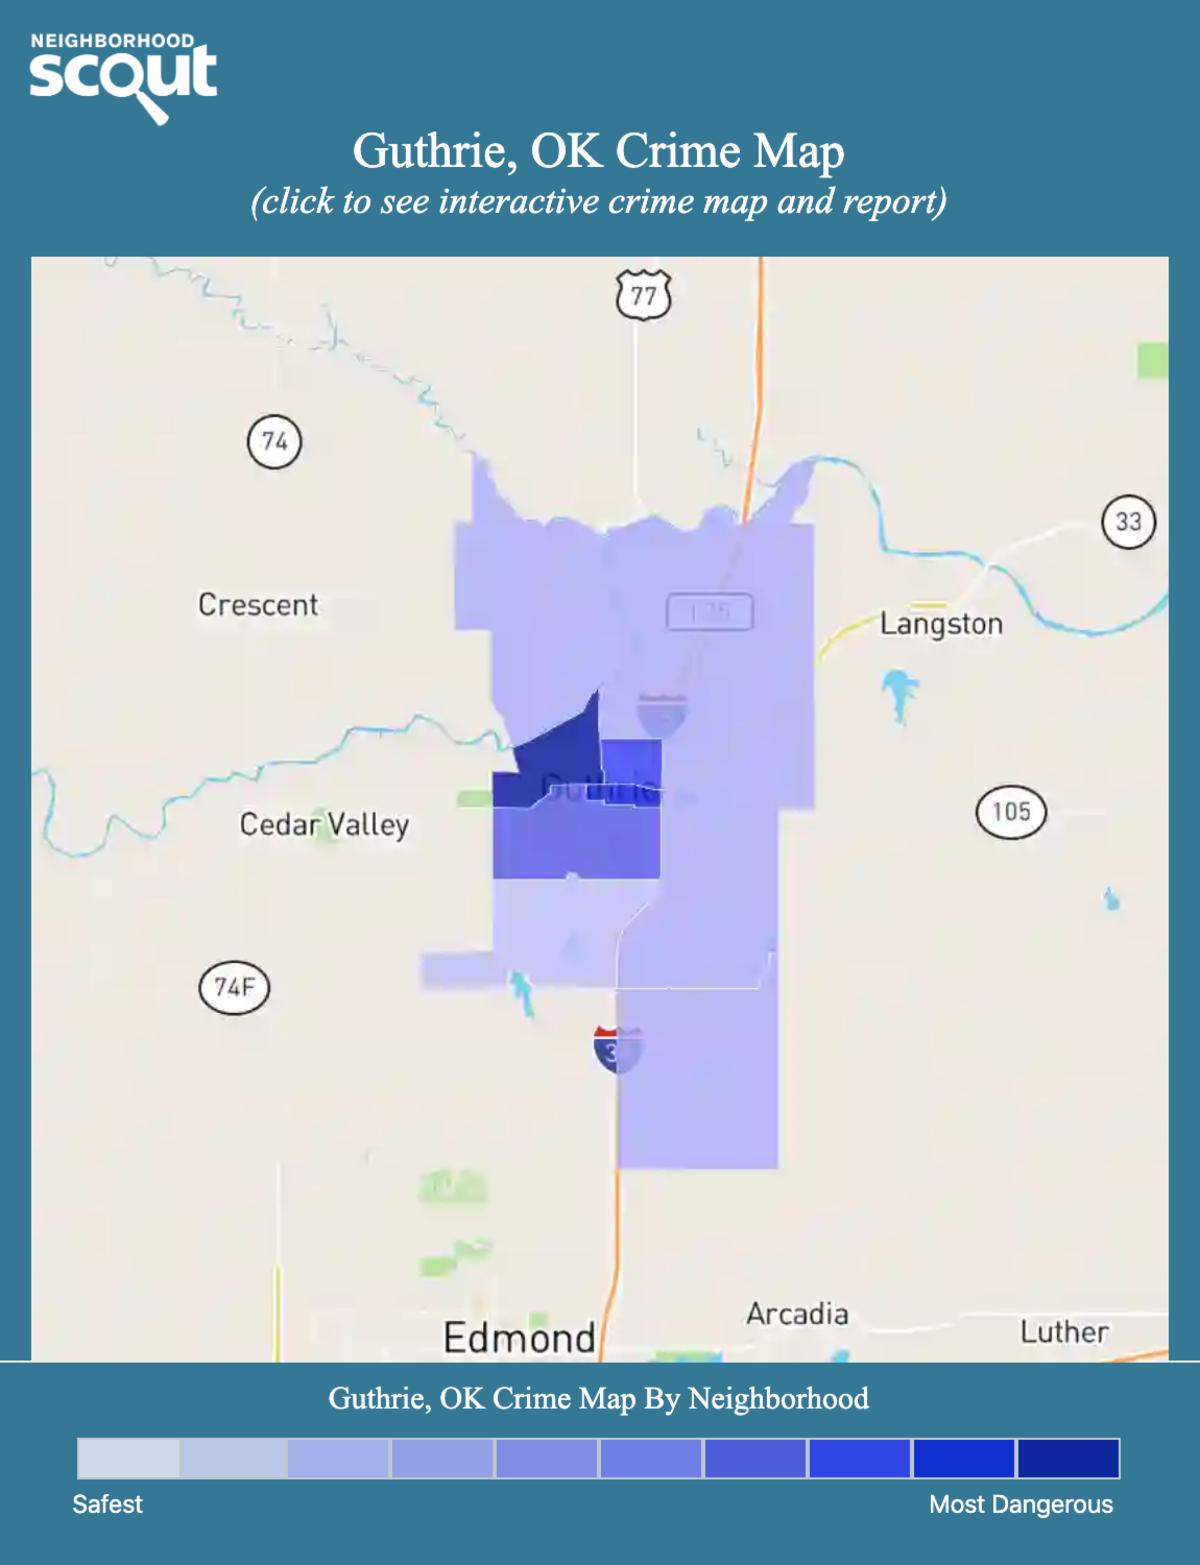 Guthrie, Oklahoma crime map